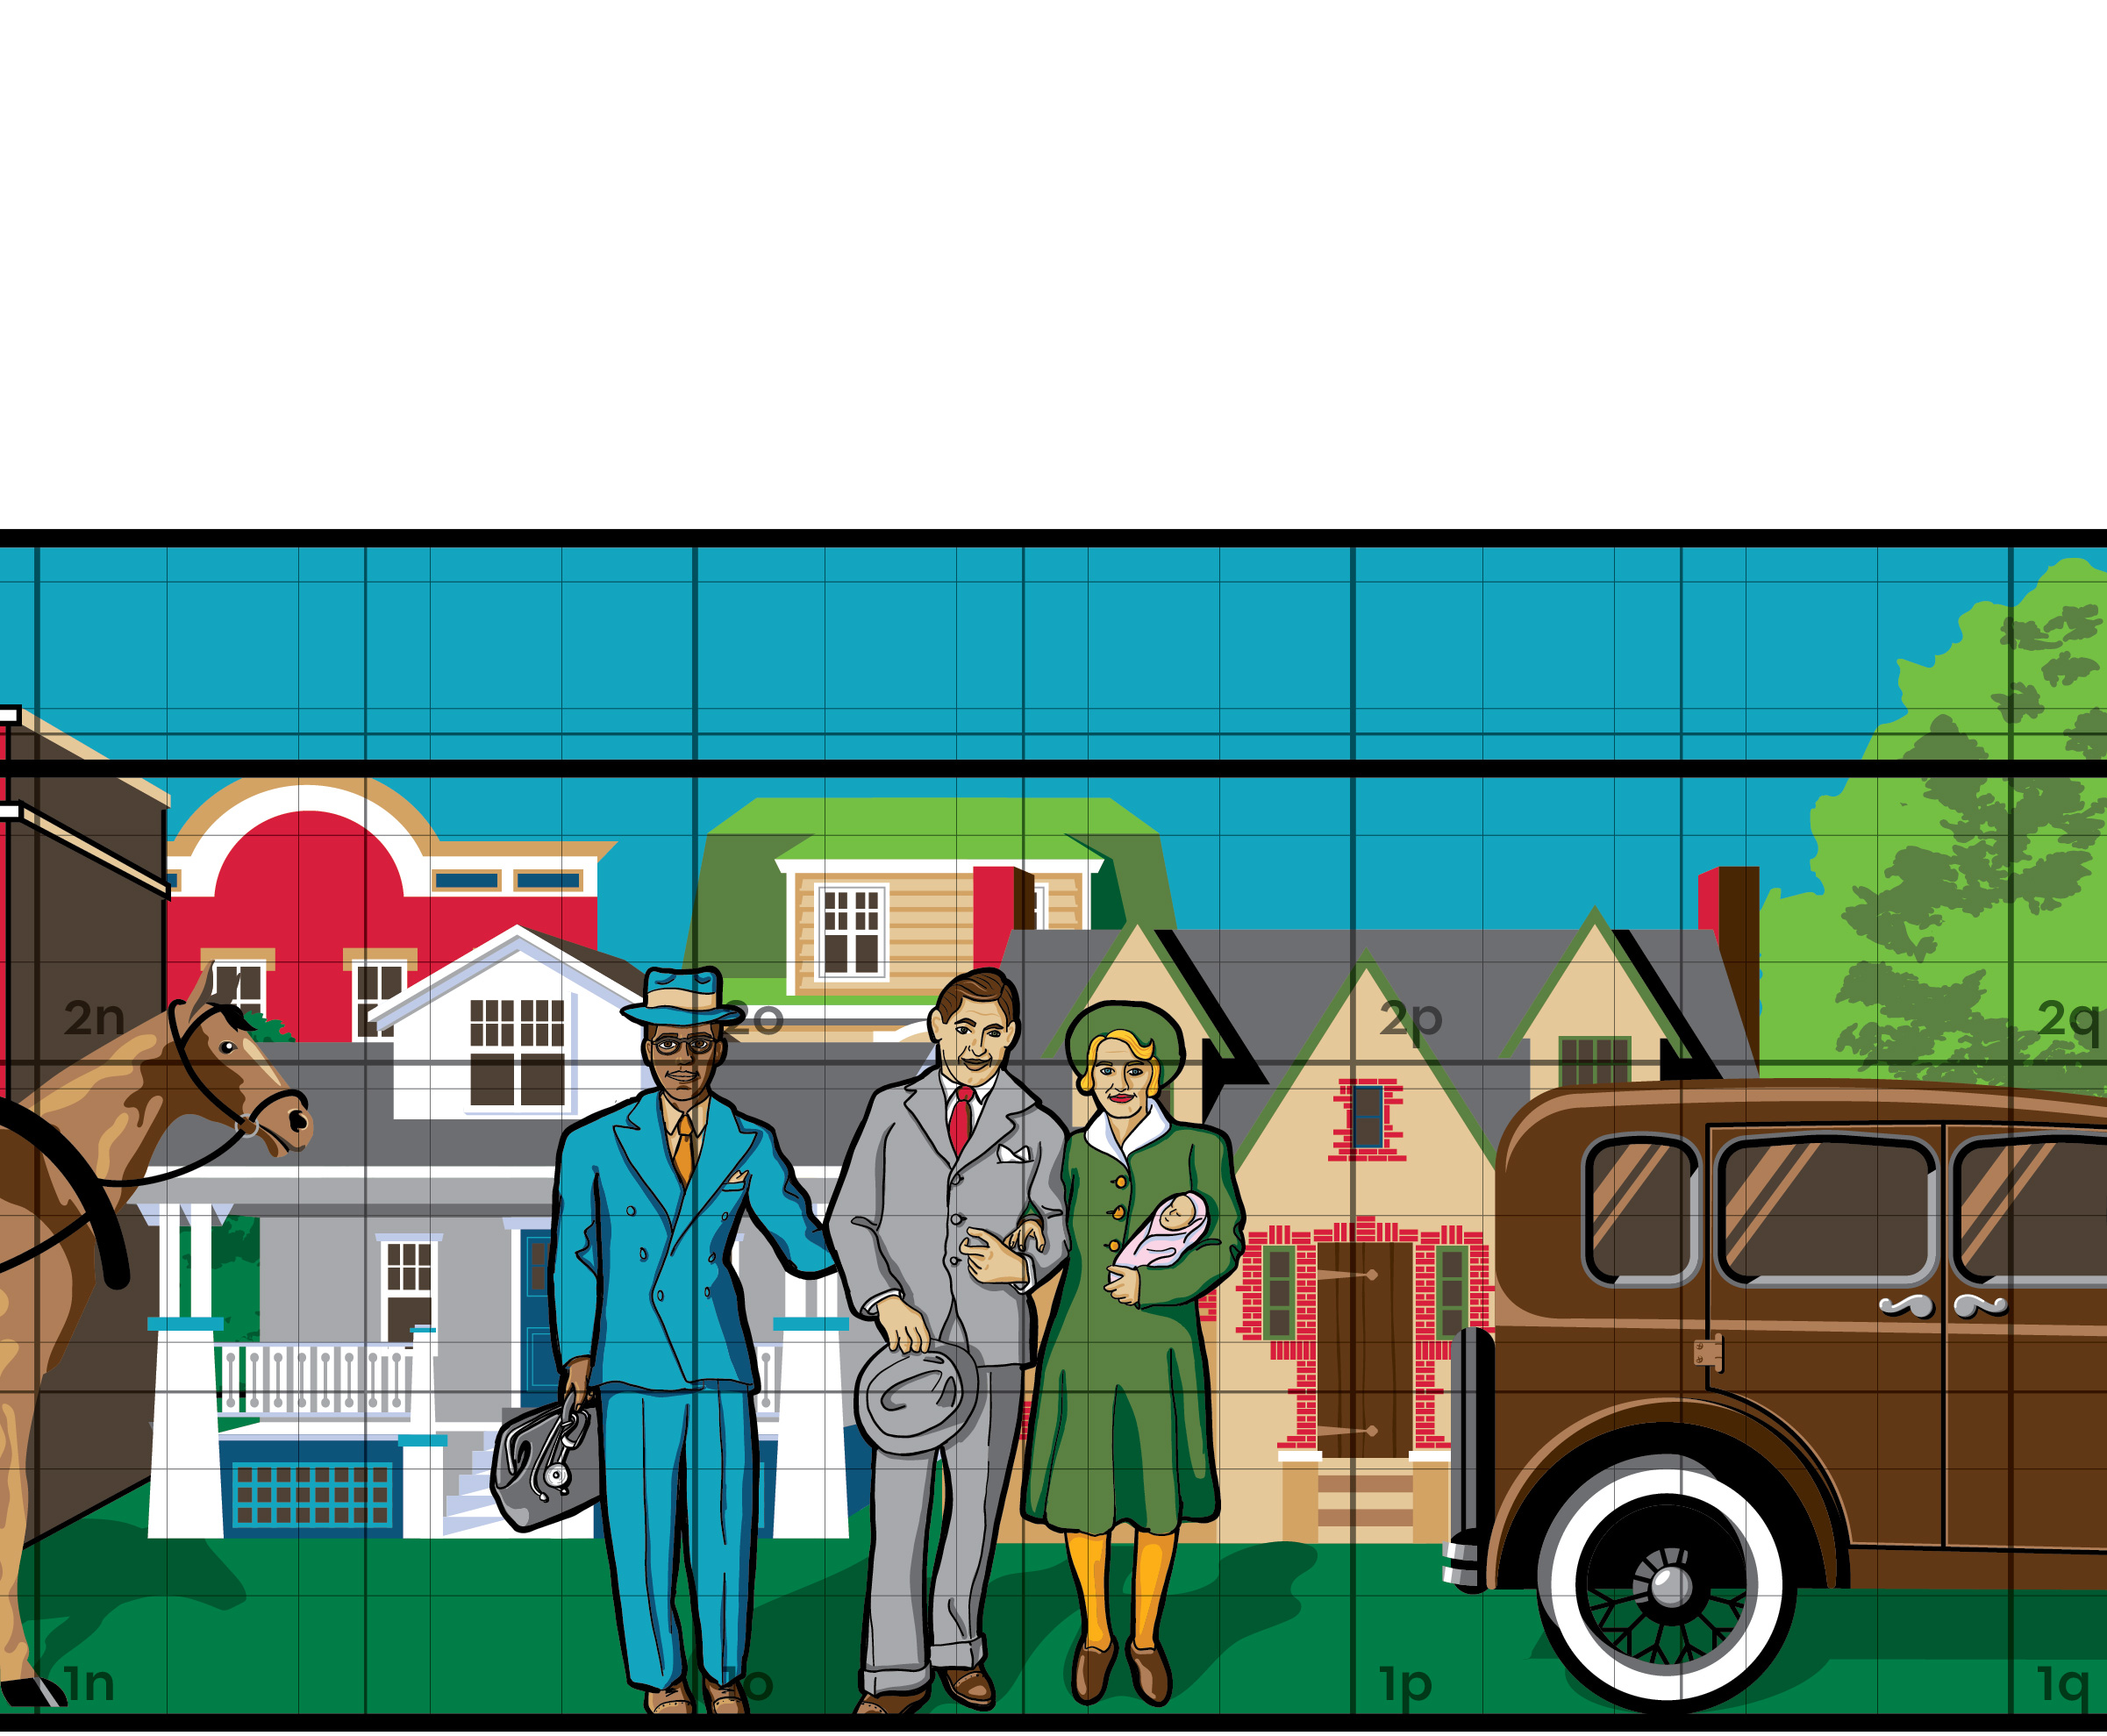 170610_Madisonville_Mural_Illustrated_WIP_Madville 1930.jpg